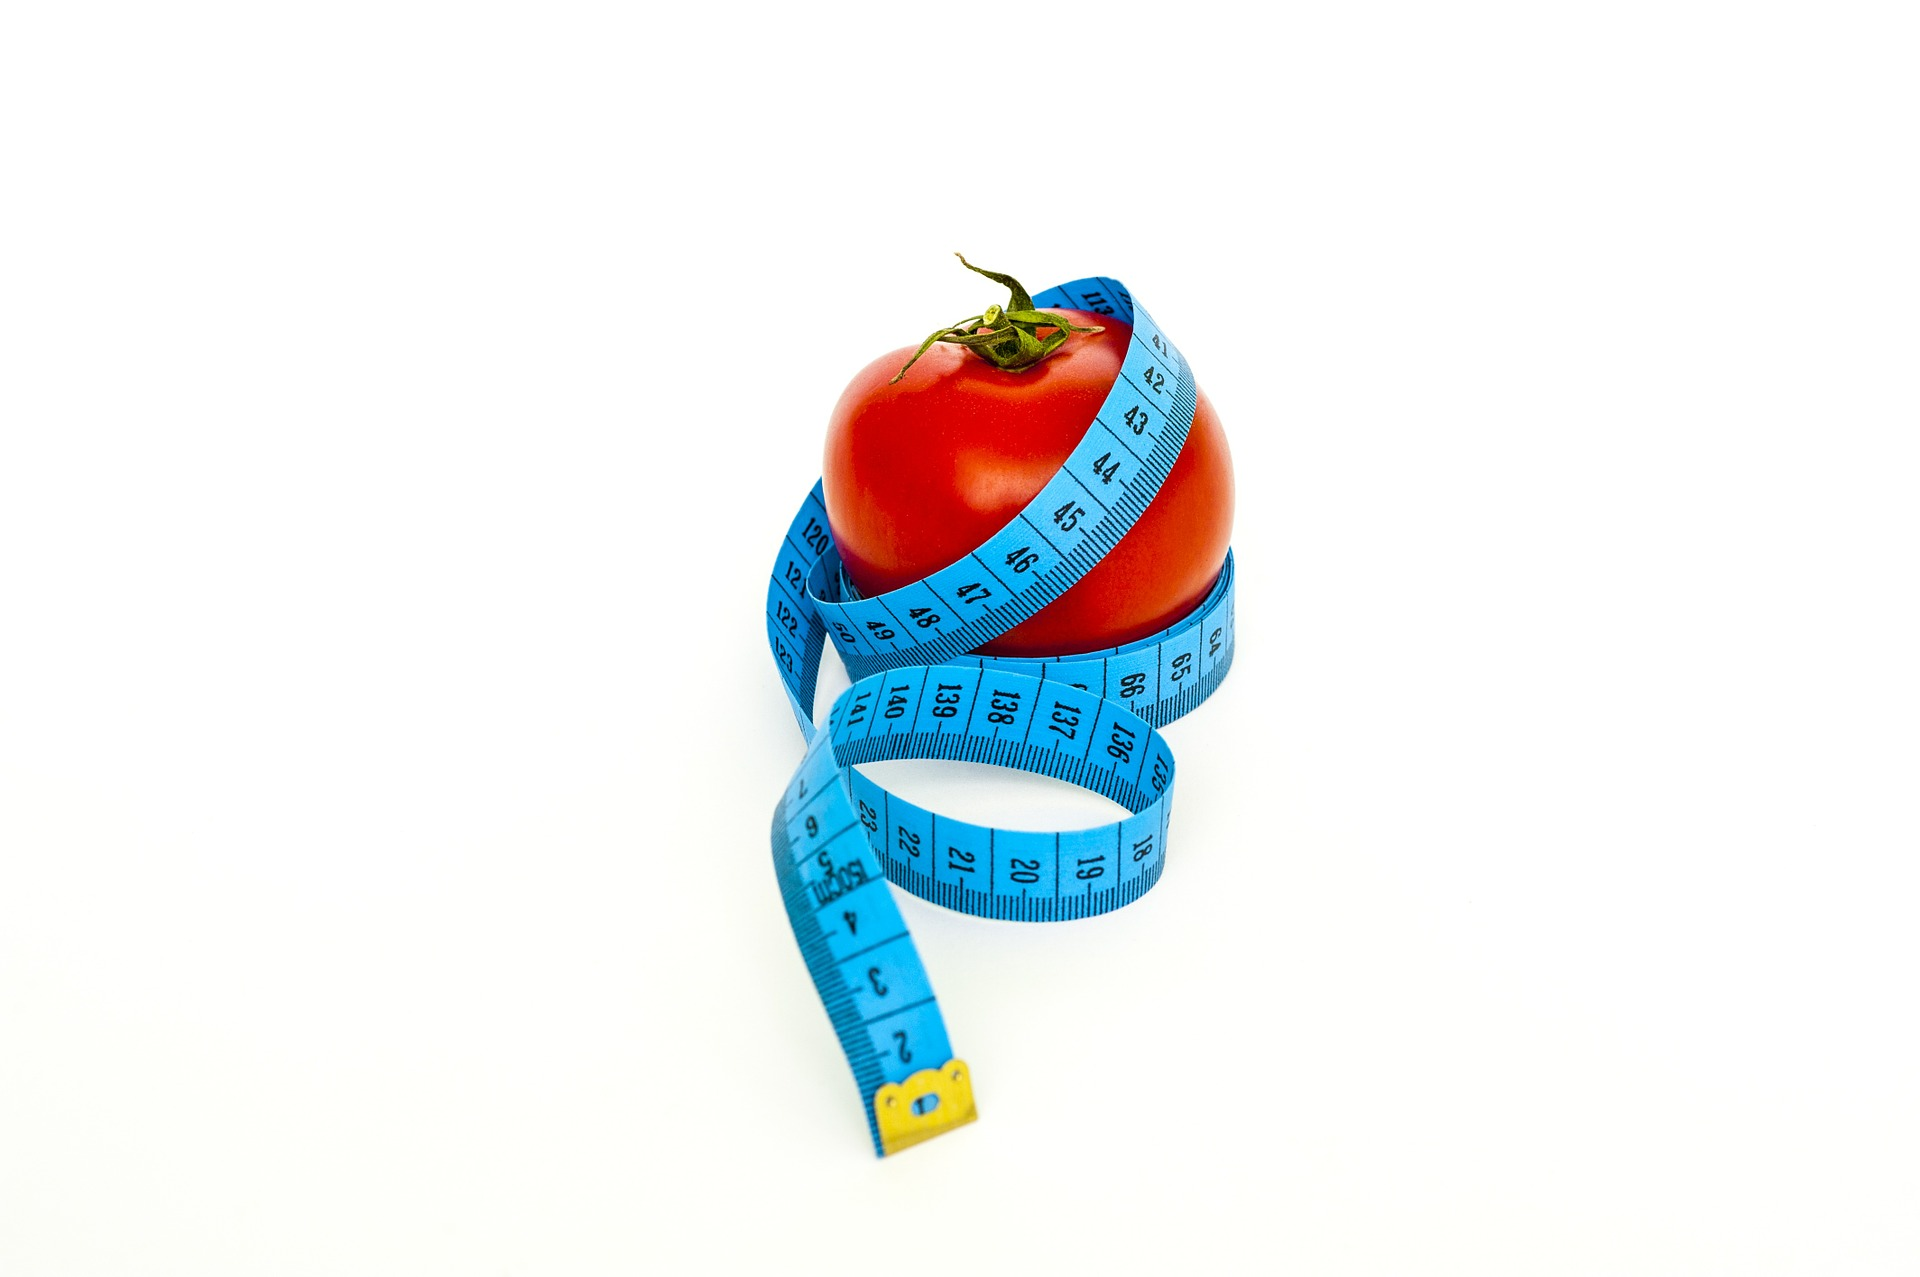 cele mai bune sfaturi de pierdere în greutate 35 pierdere în greutate de peroxid de hidrogen